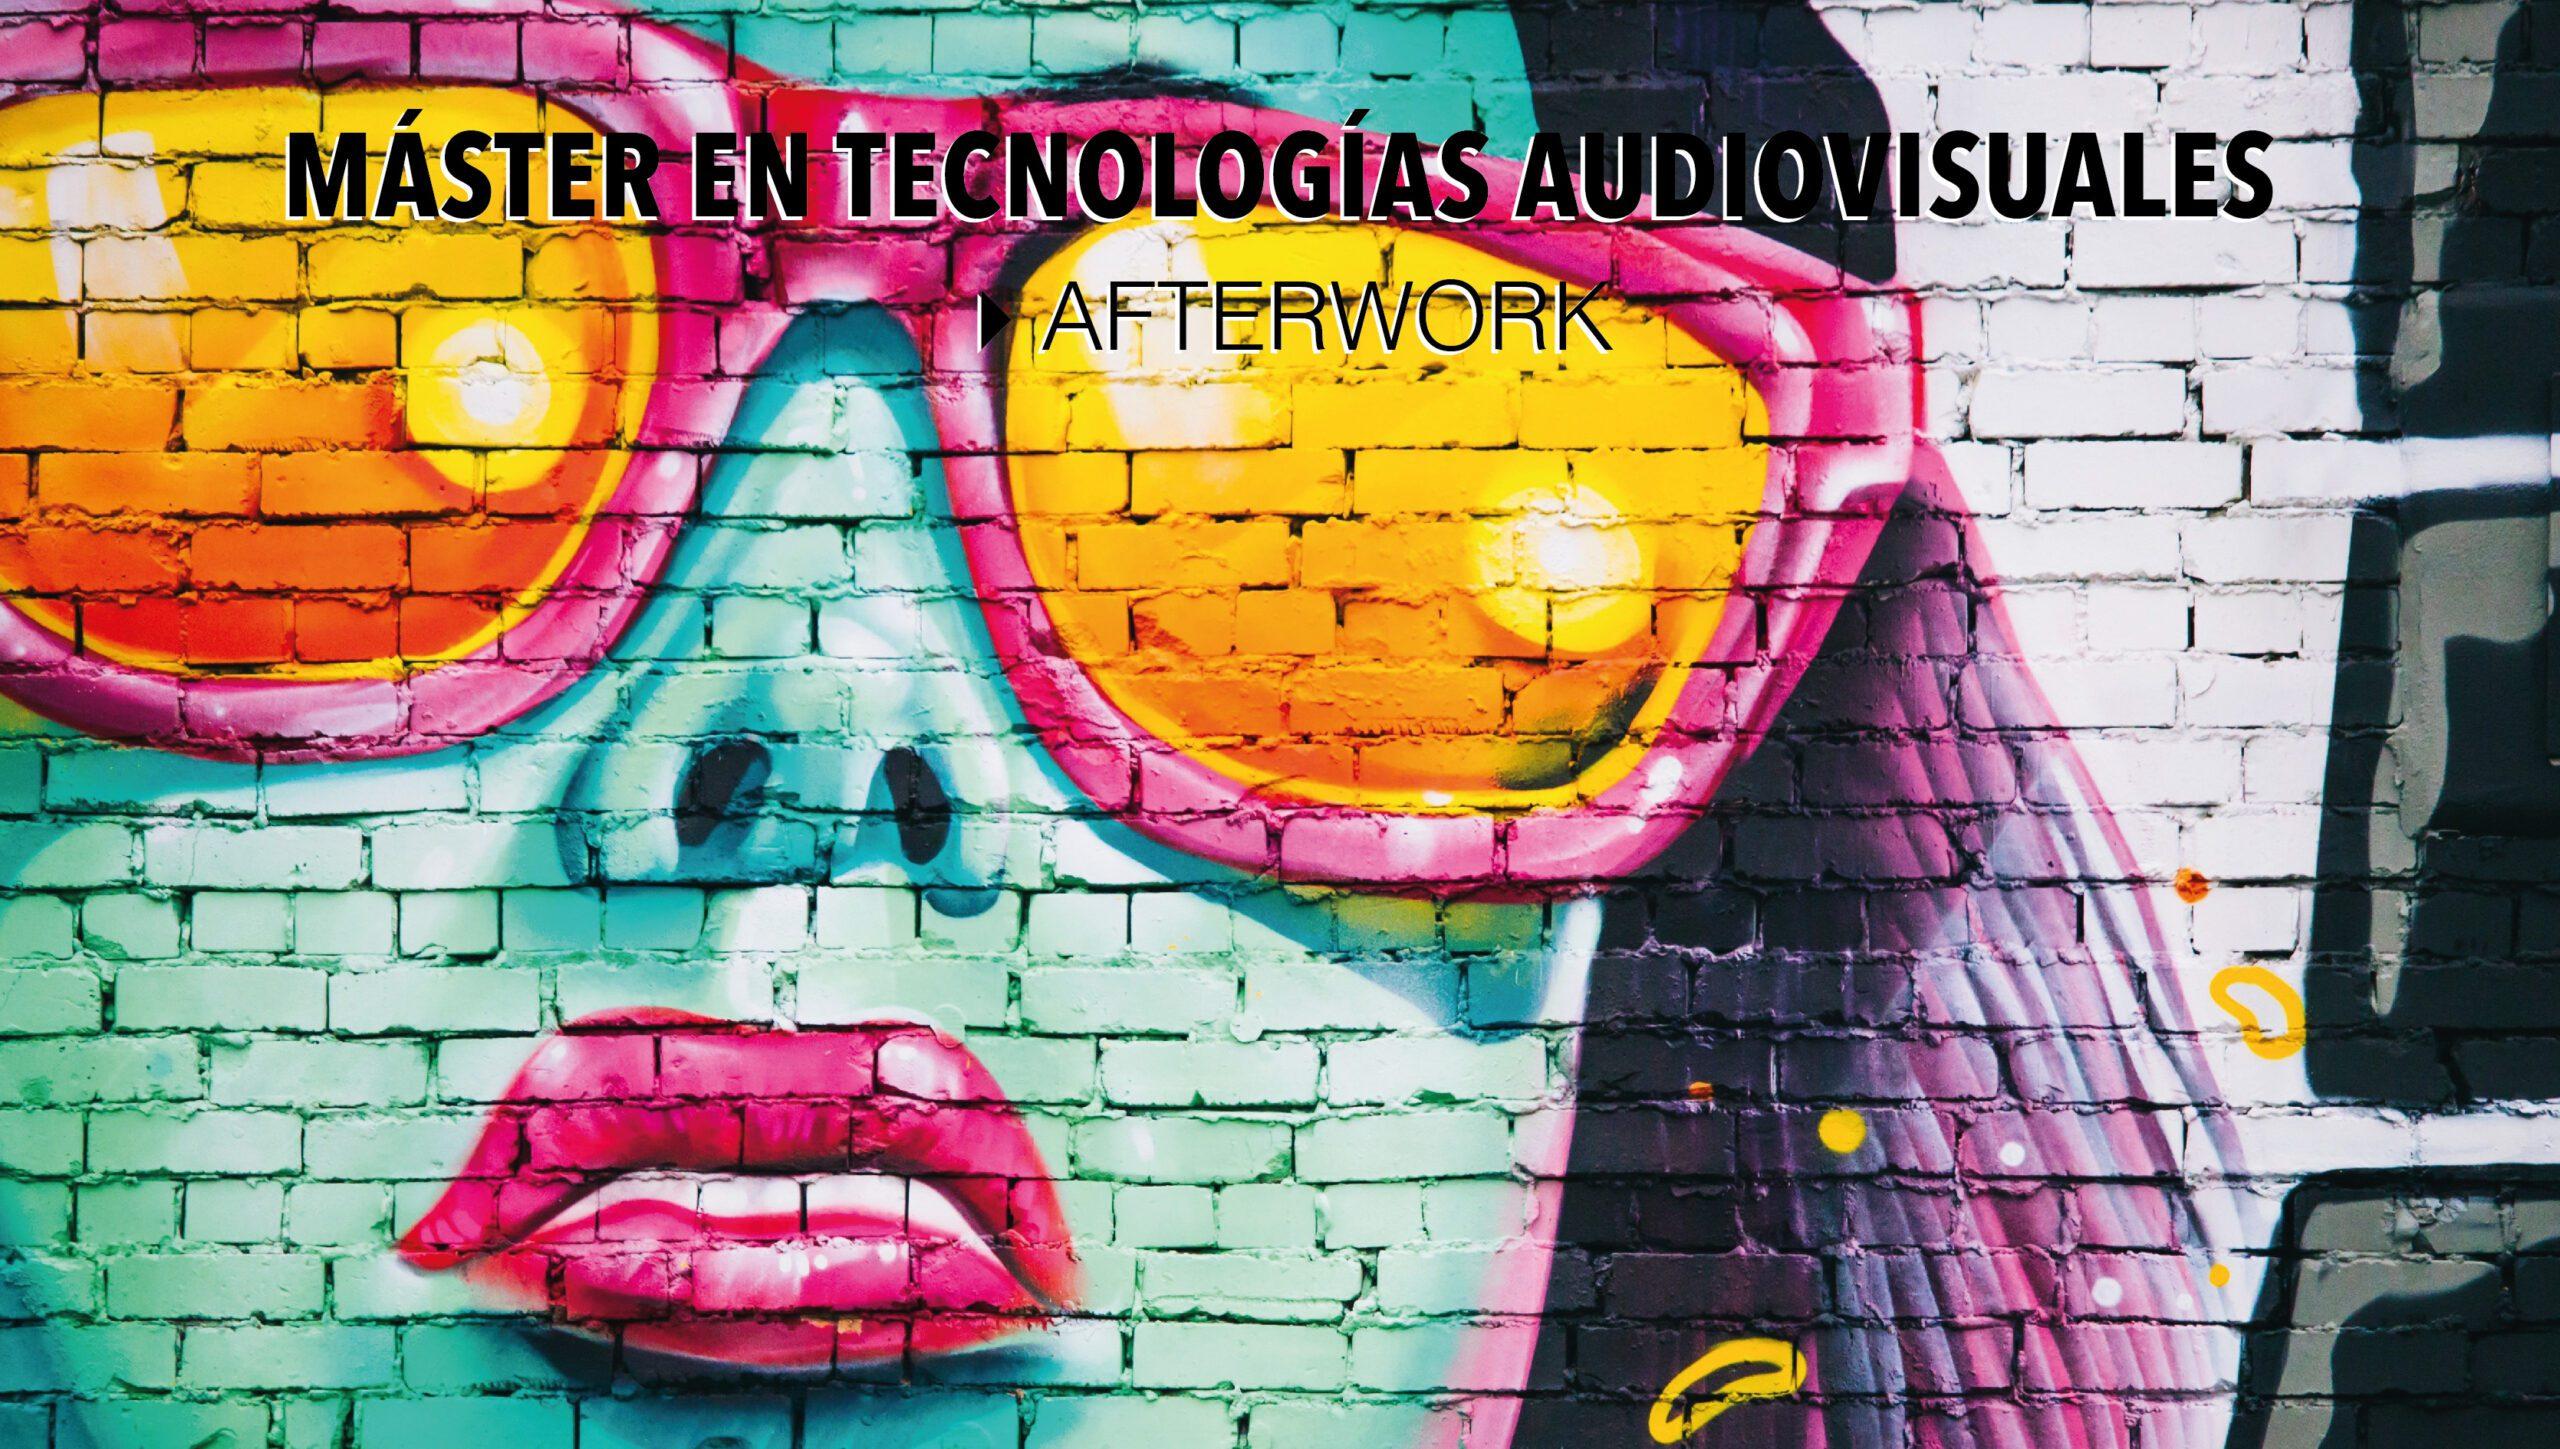 Master en Tecnologías Audiovisuales [afterwork]